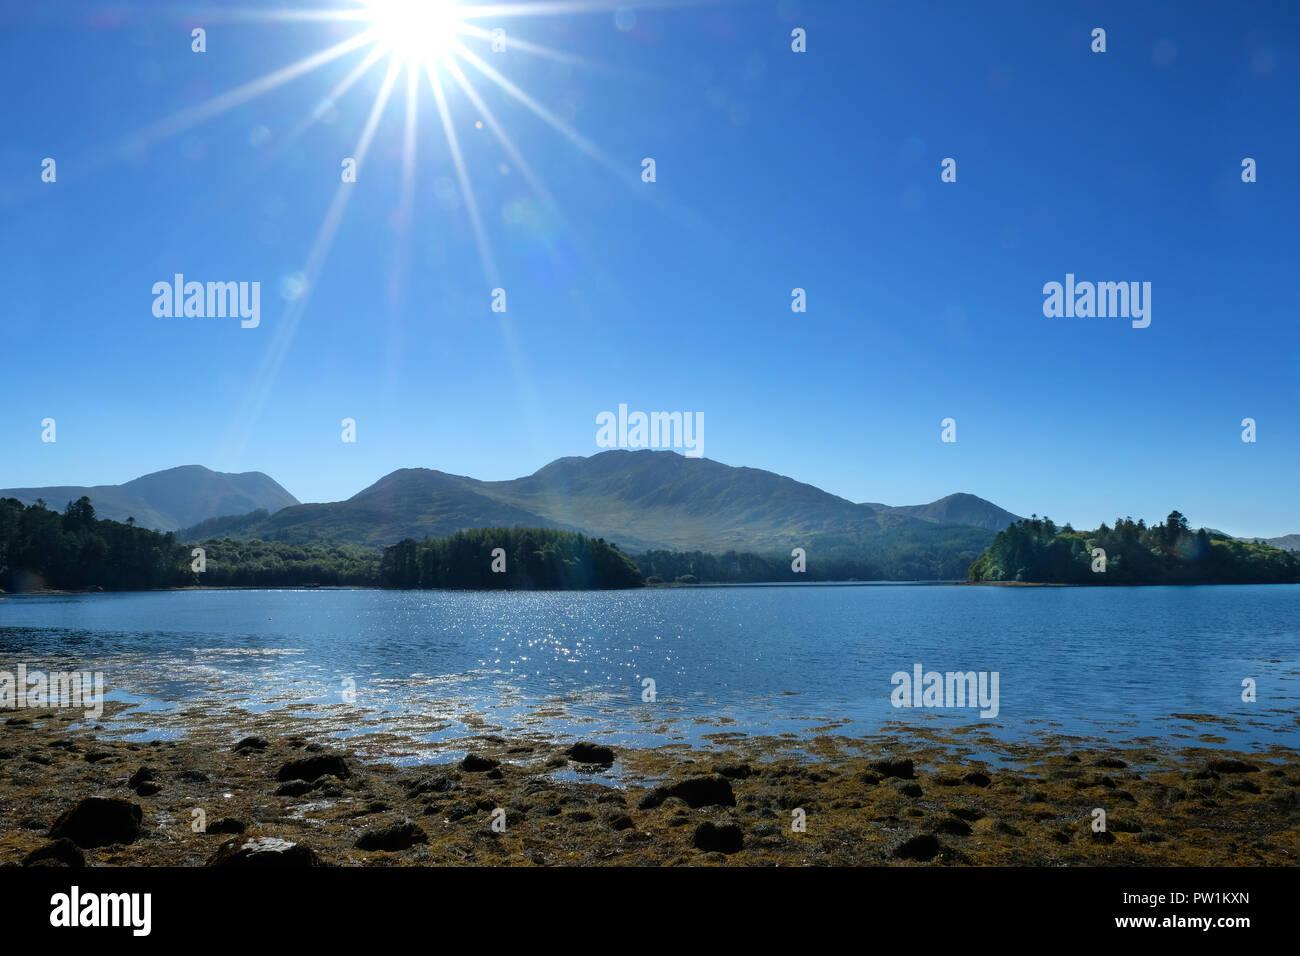 Kenmare River, en el condado de Kerry, Irlanda, costa con abundantes Lens Flare - John Gollop Foto de stock